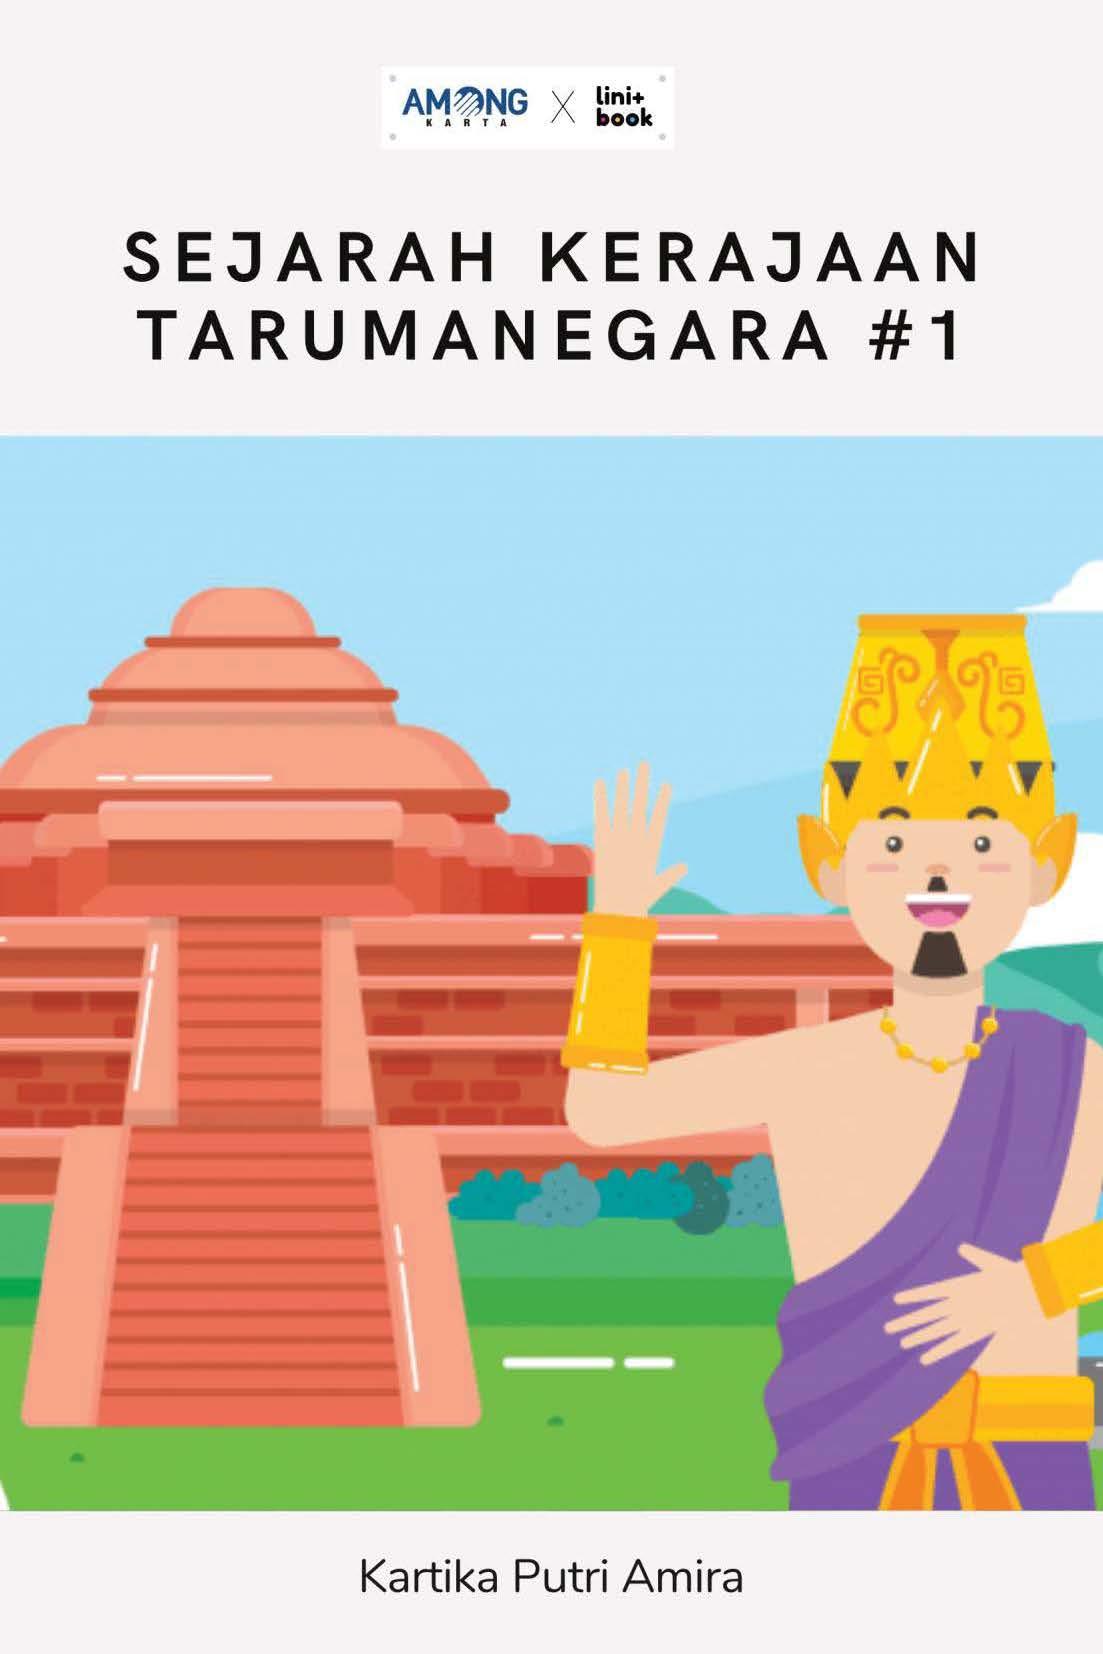 Sejarah kerajaan Tarumanegara #1 [sumber elektronis]